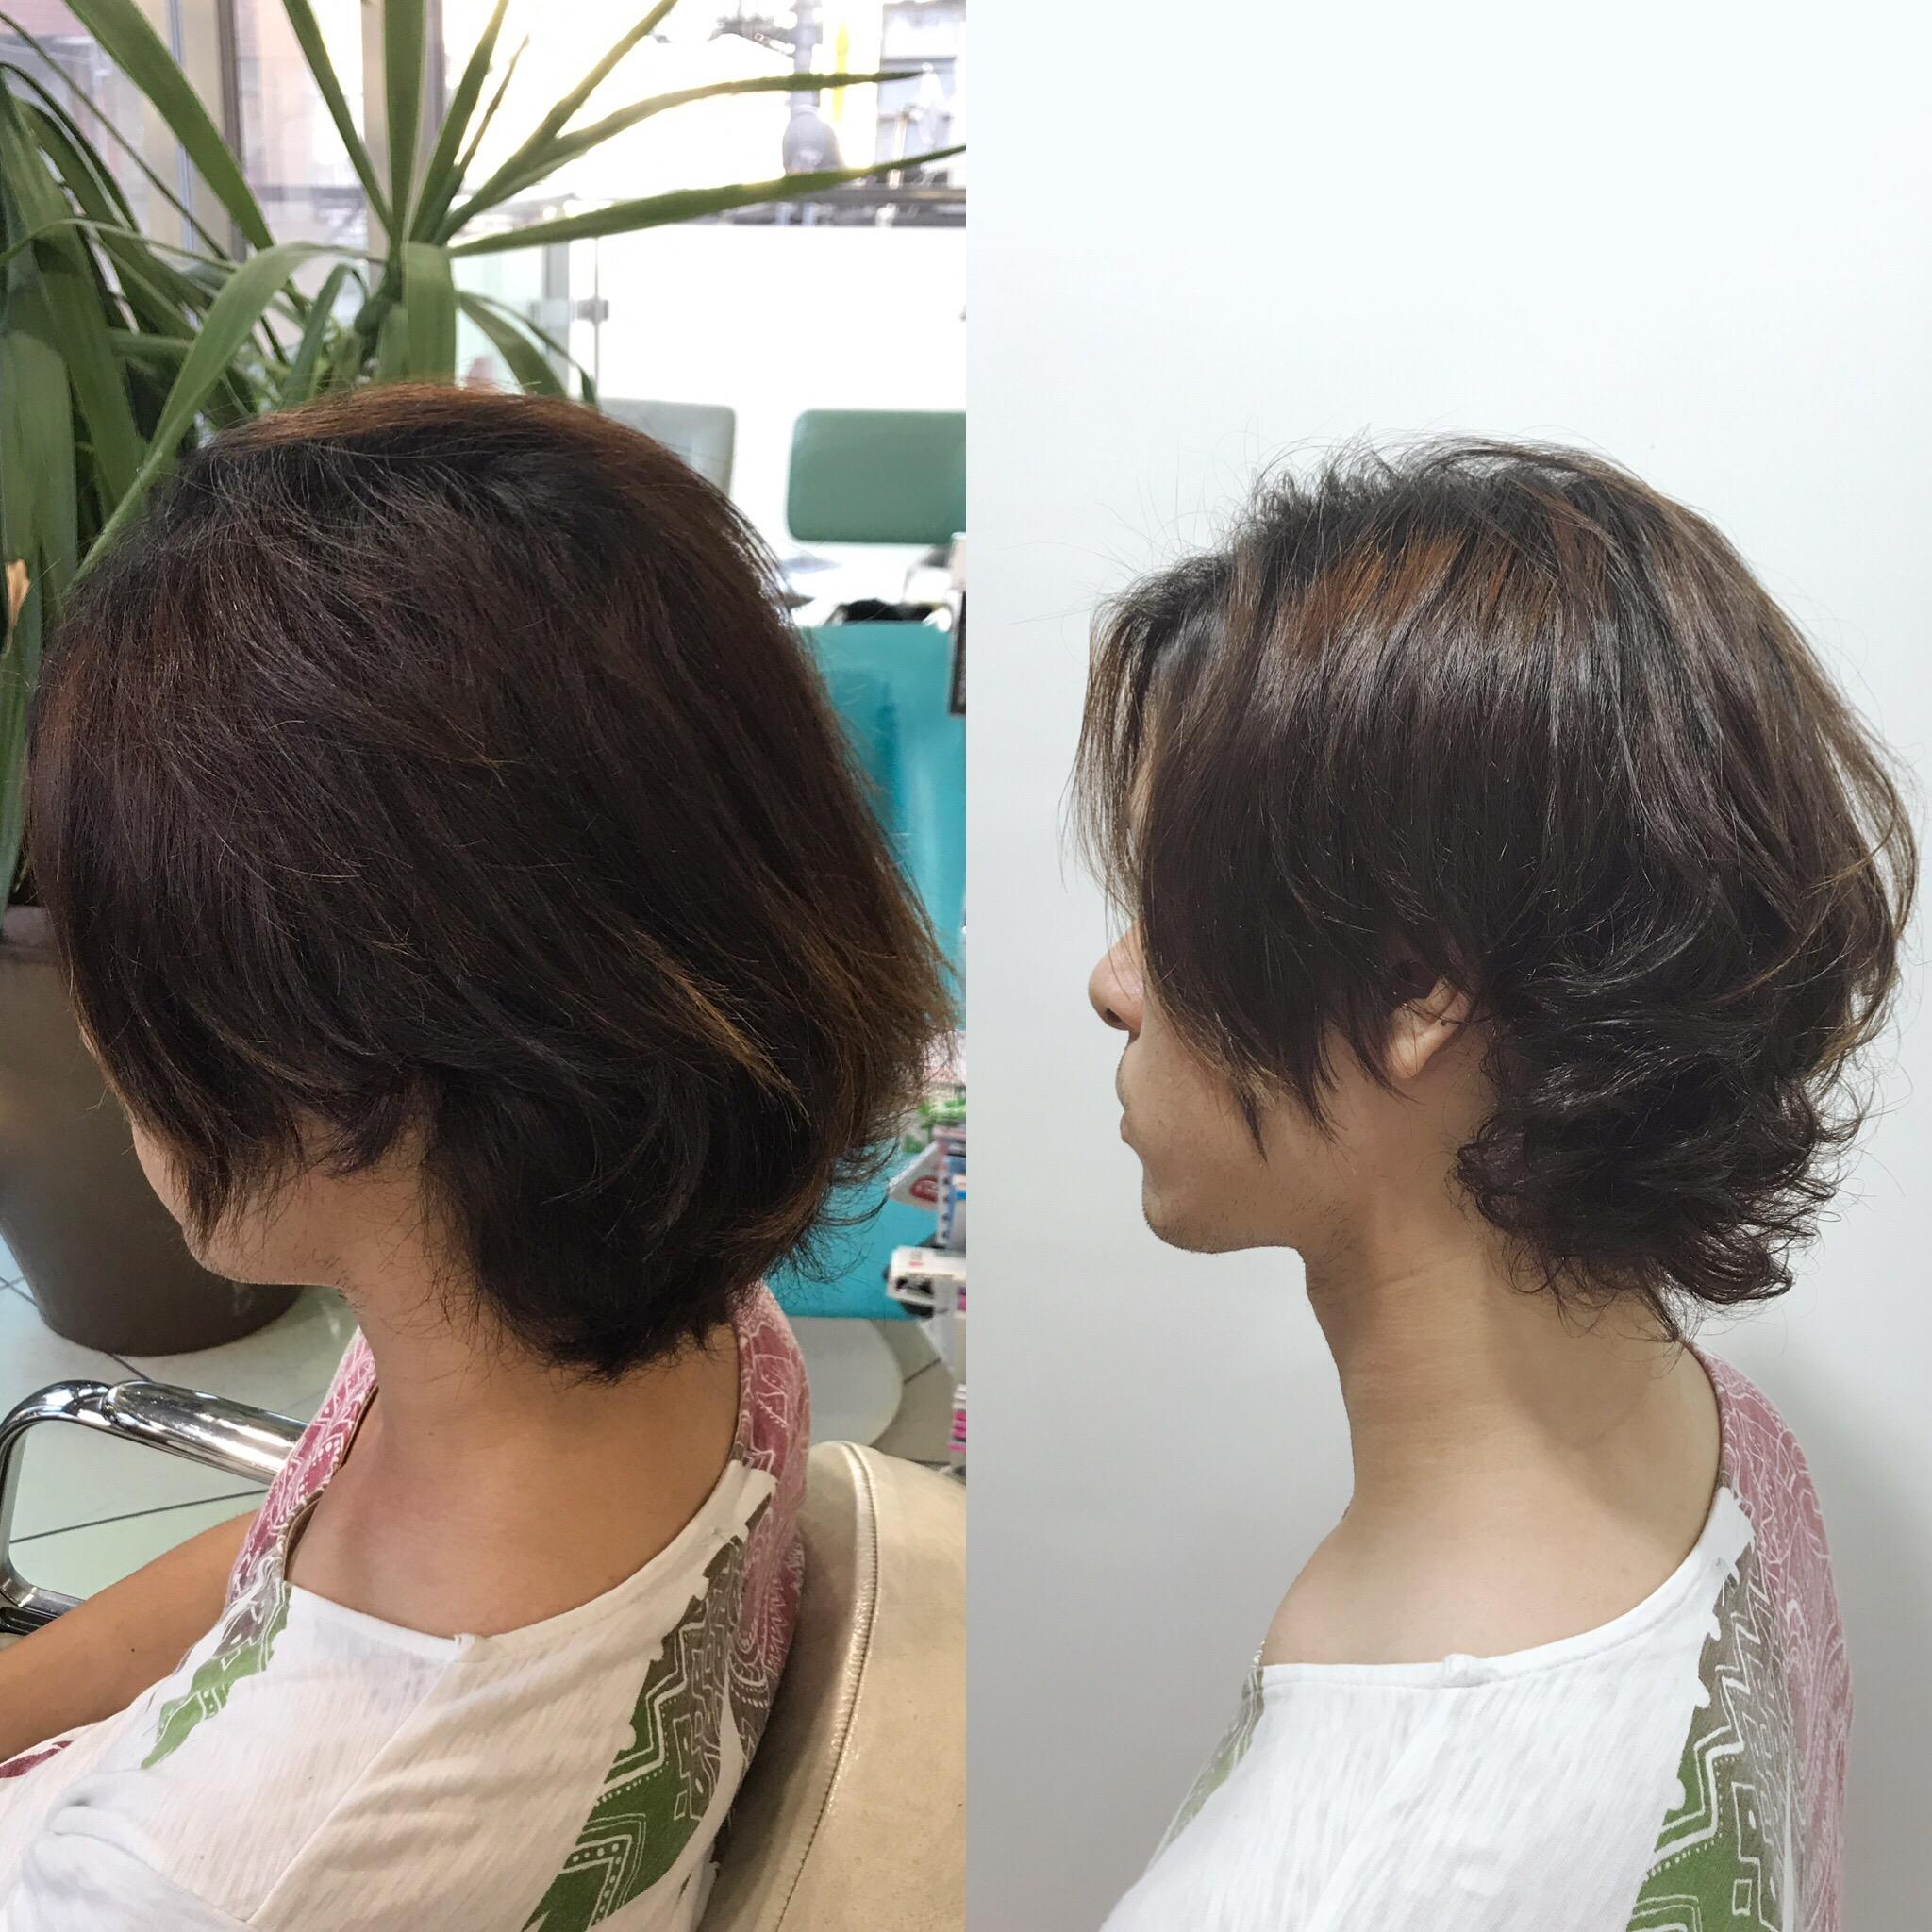 縮毛矯正&ヘアケアを髪質、ダメージ、デザインに合わせて!メンズスタイルでご紹介!